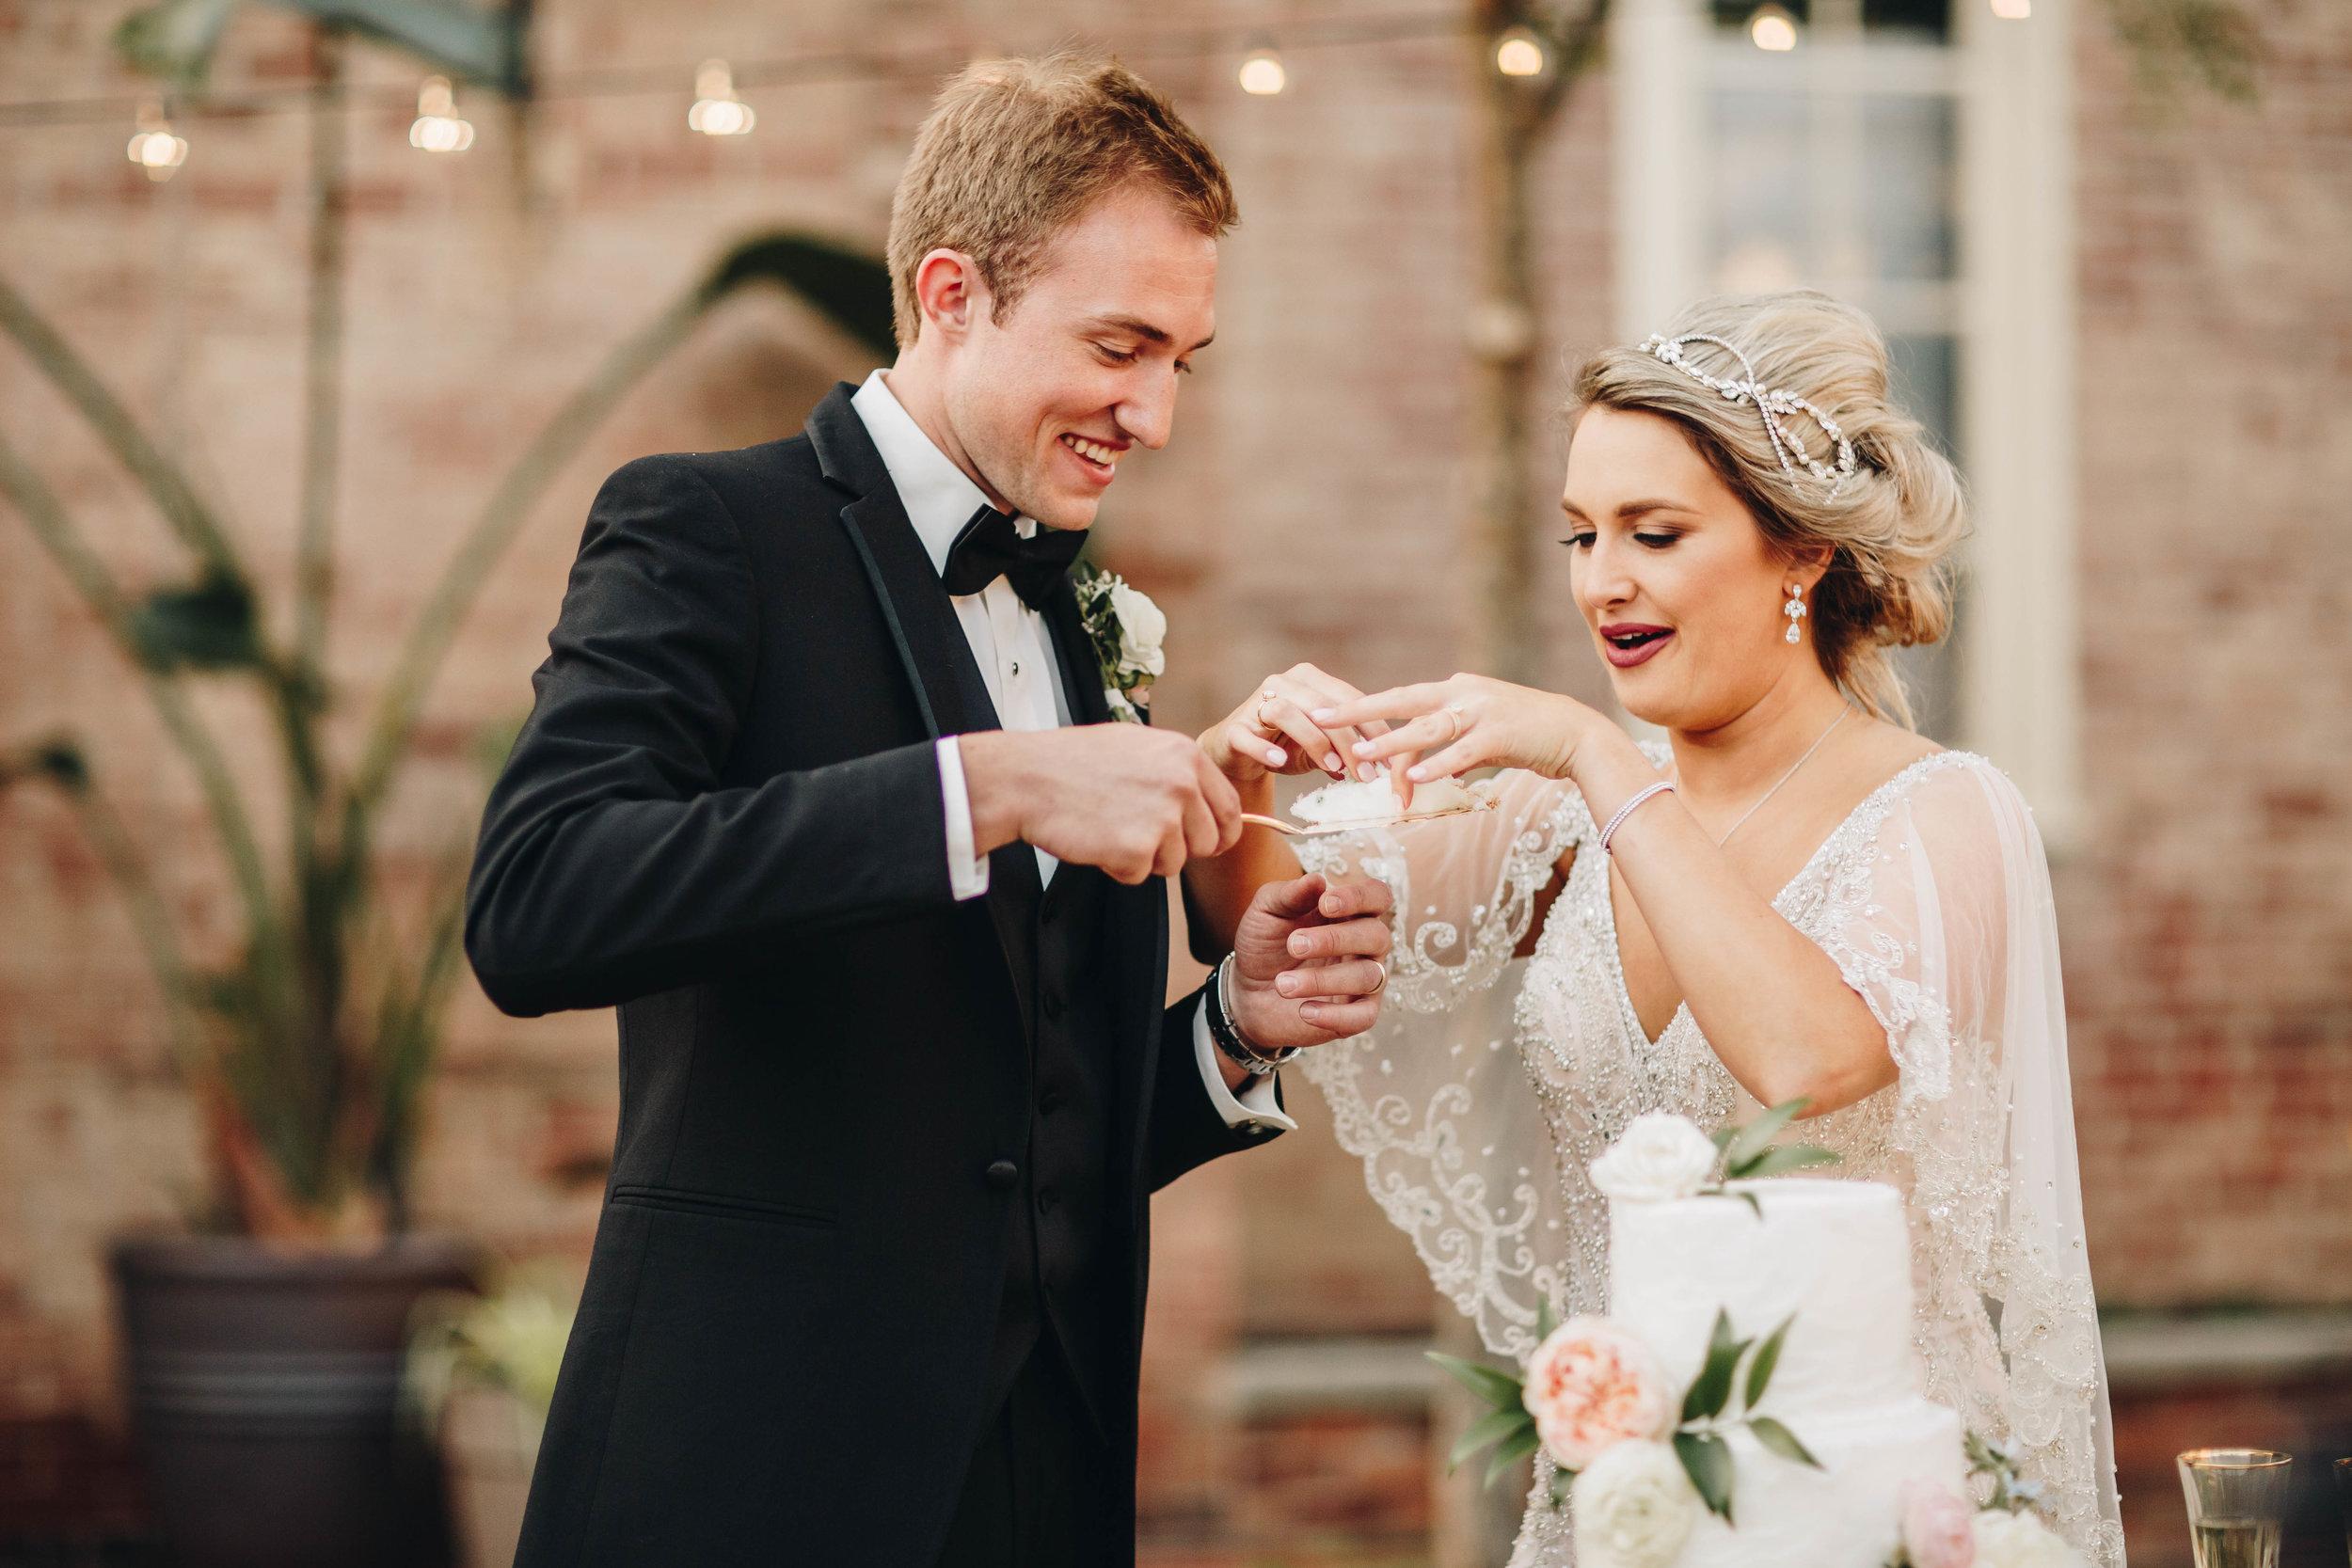 Cincinnati+wedding+photographer-67.jpeg